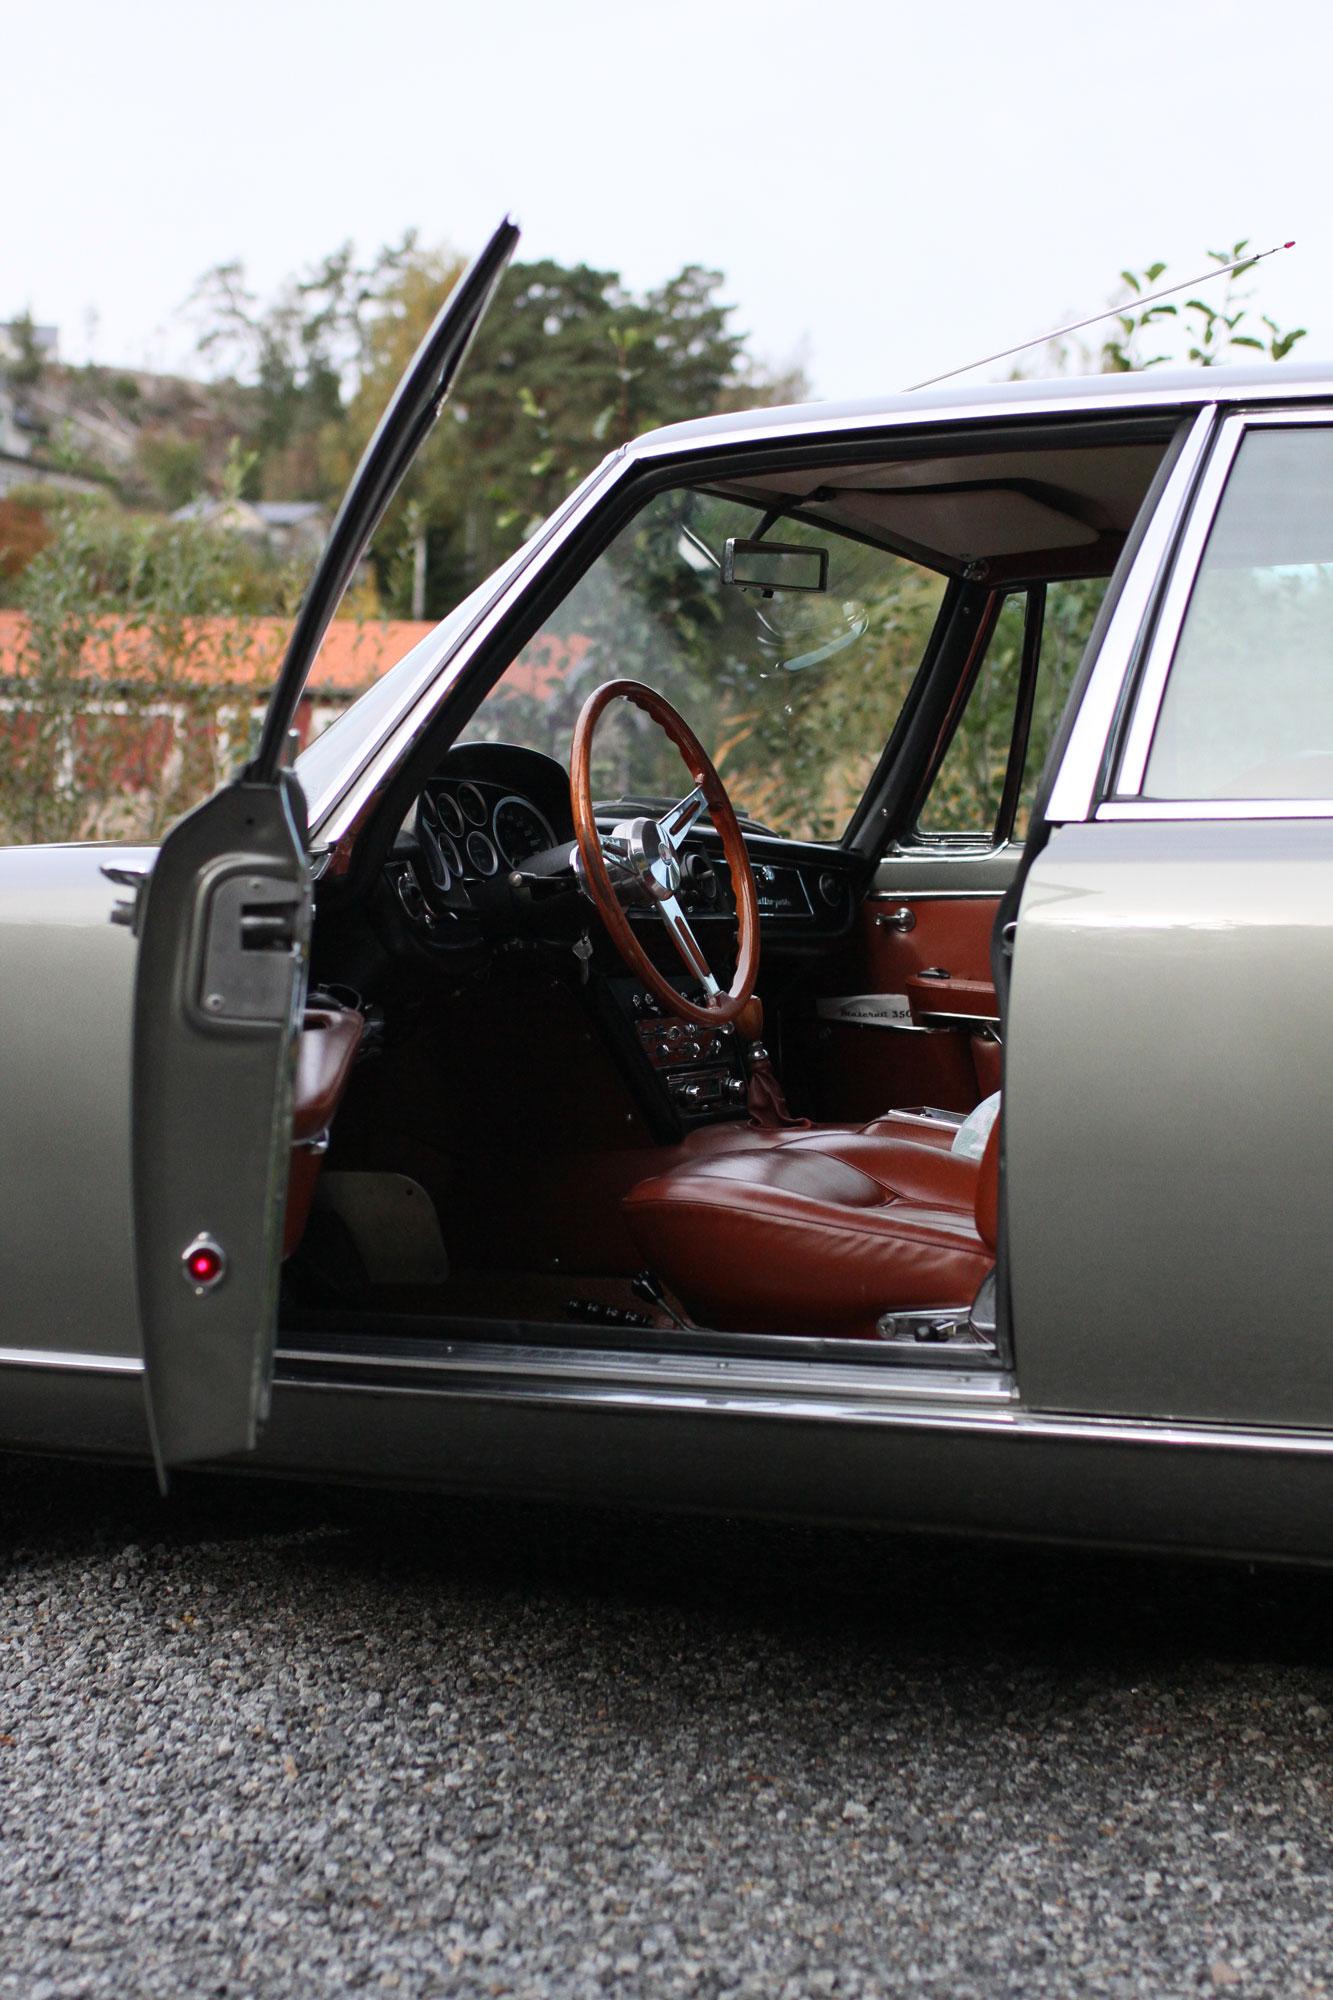 Maserati Quattroportes förardörr är öppen. Inbjudande bild till förarmiljön med träratt